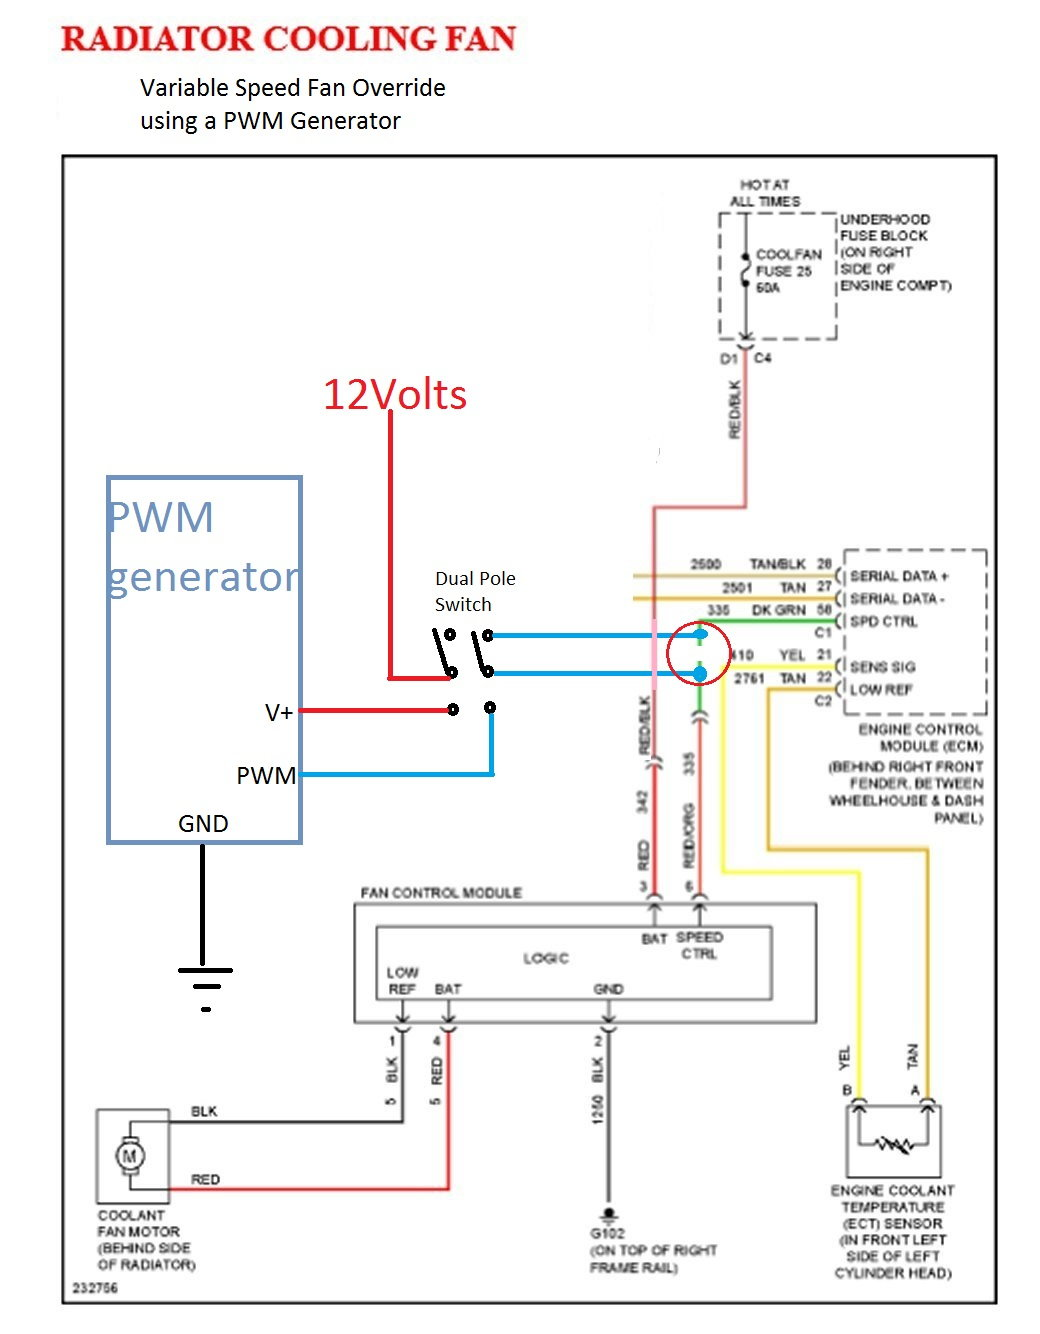 hight resolution of fan wiring diagram c6 z06 schema diagram database fan wiring diagram c6 z06